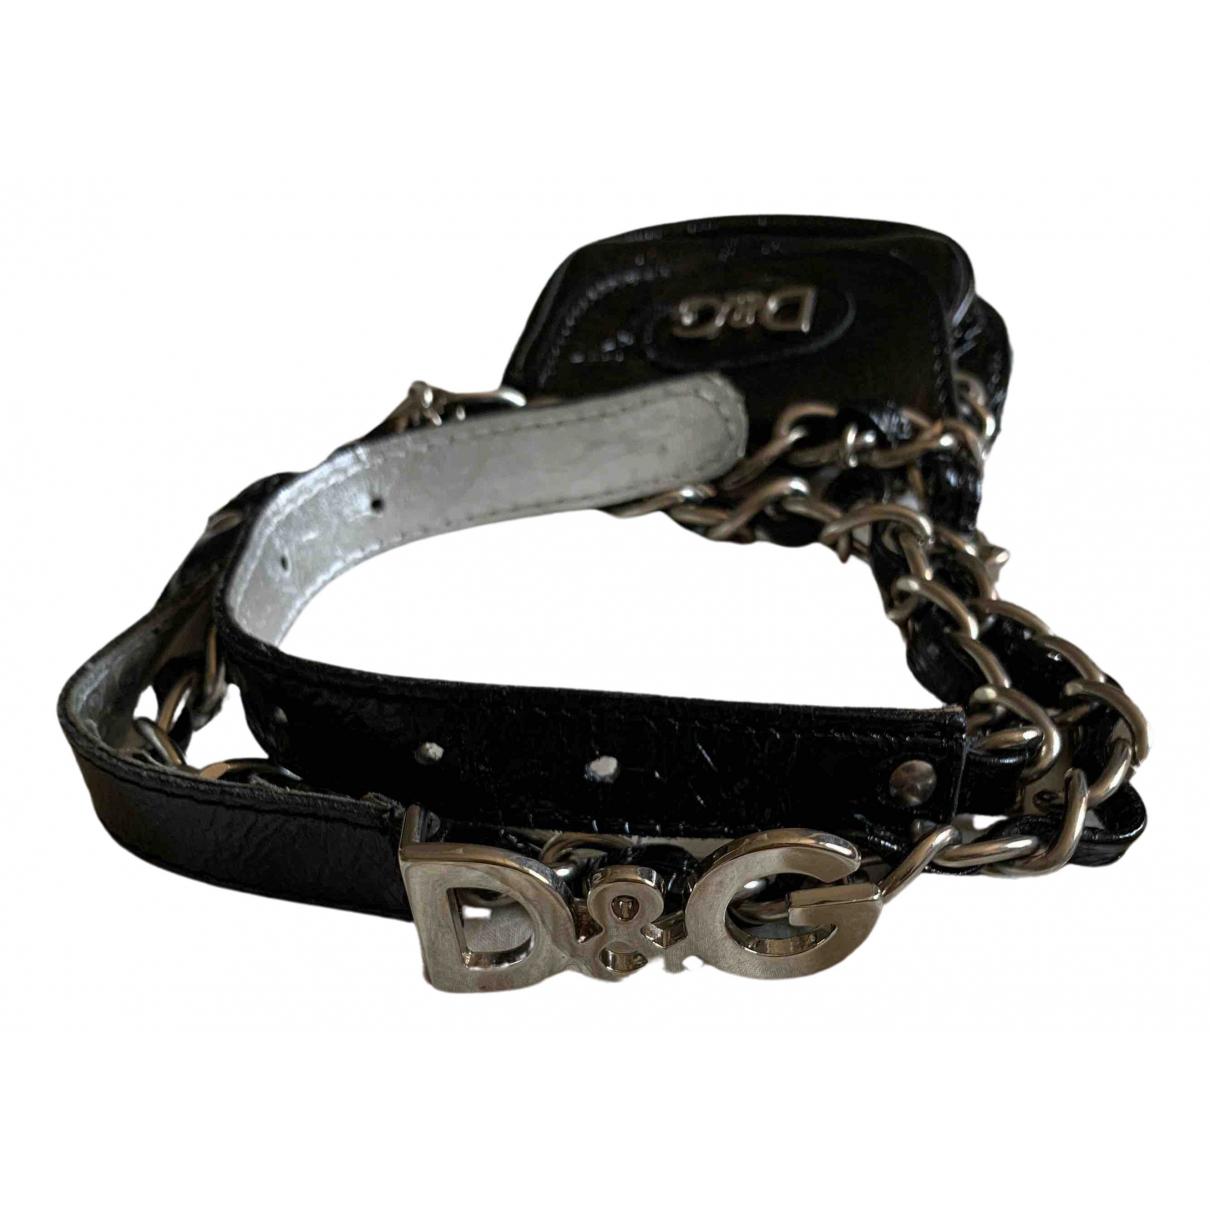 Cinturon de Charol D&g